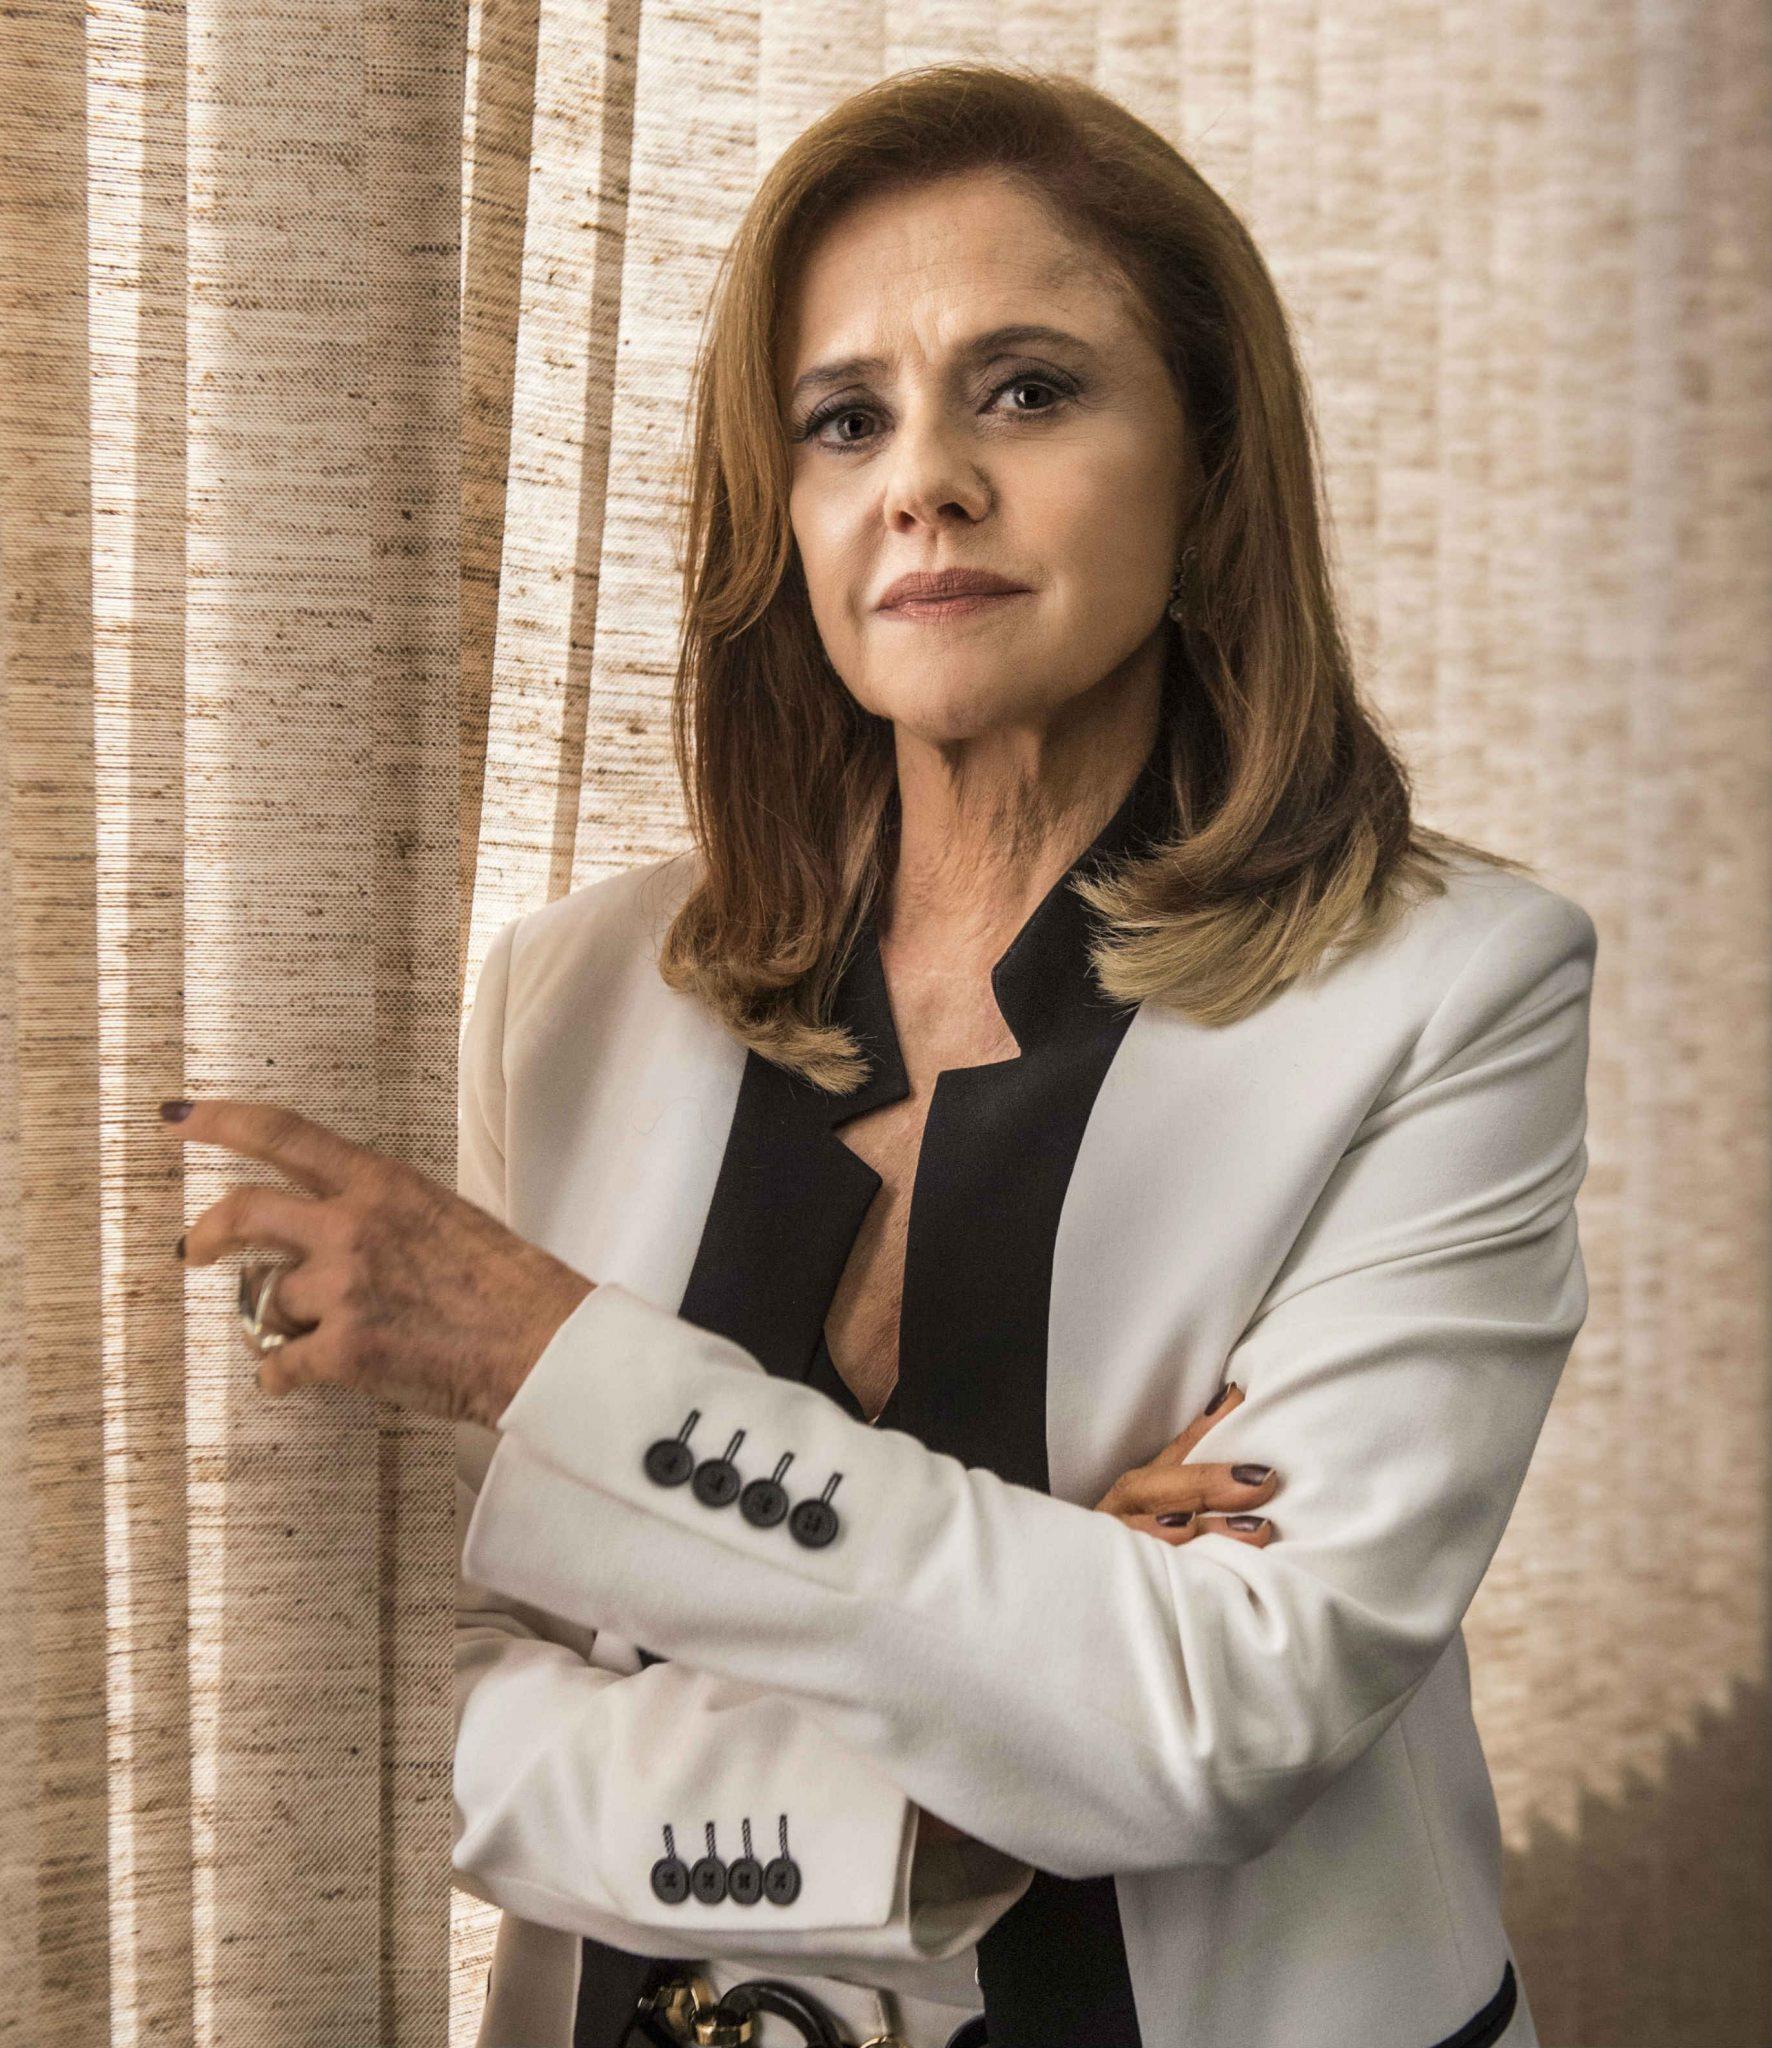 Marieta Severo (Foto: Mauricio Fidalgo/TV Globo/Divulgação)